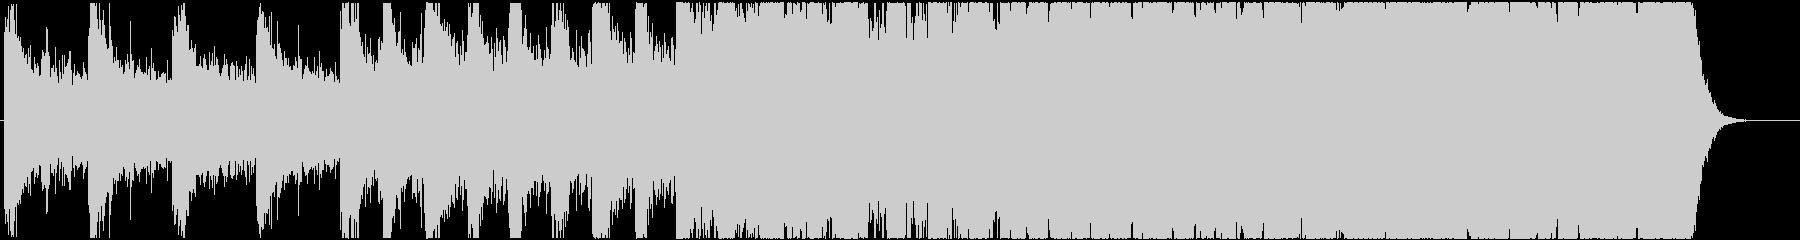 緊迫感のあるシネマティック曲 1-1の未再生の波形